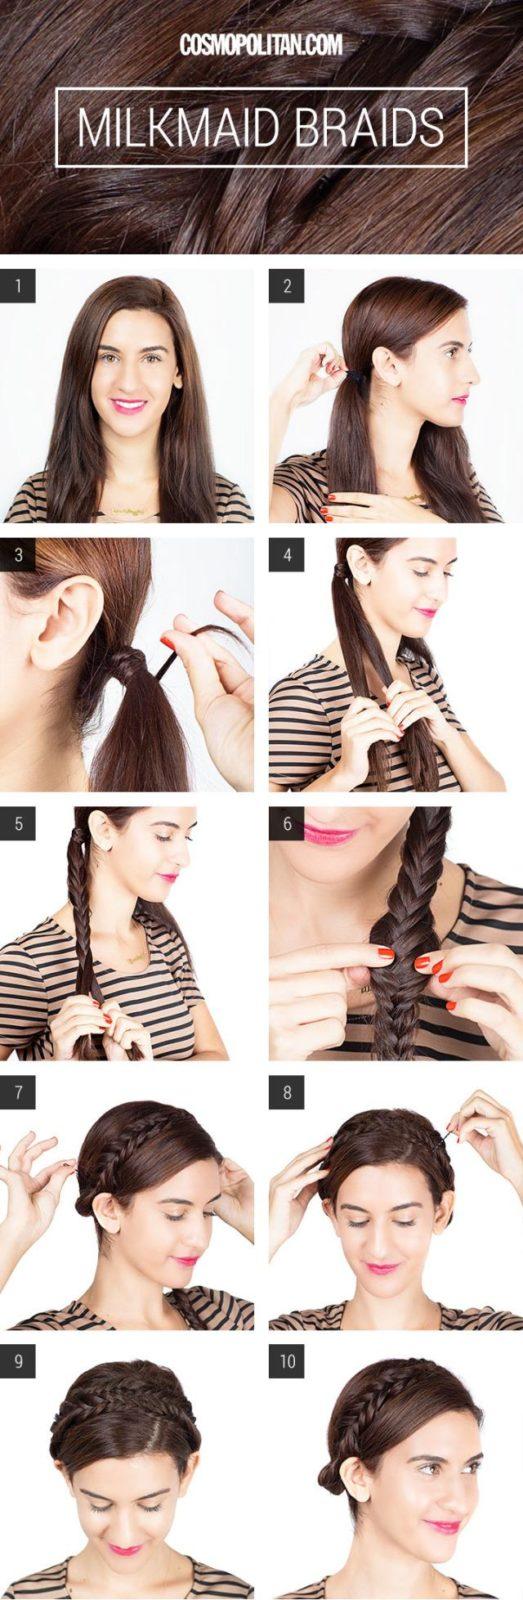 Прически на длинные волосы: собранная коса